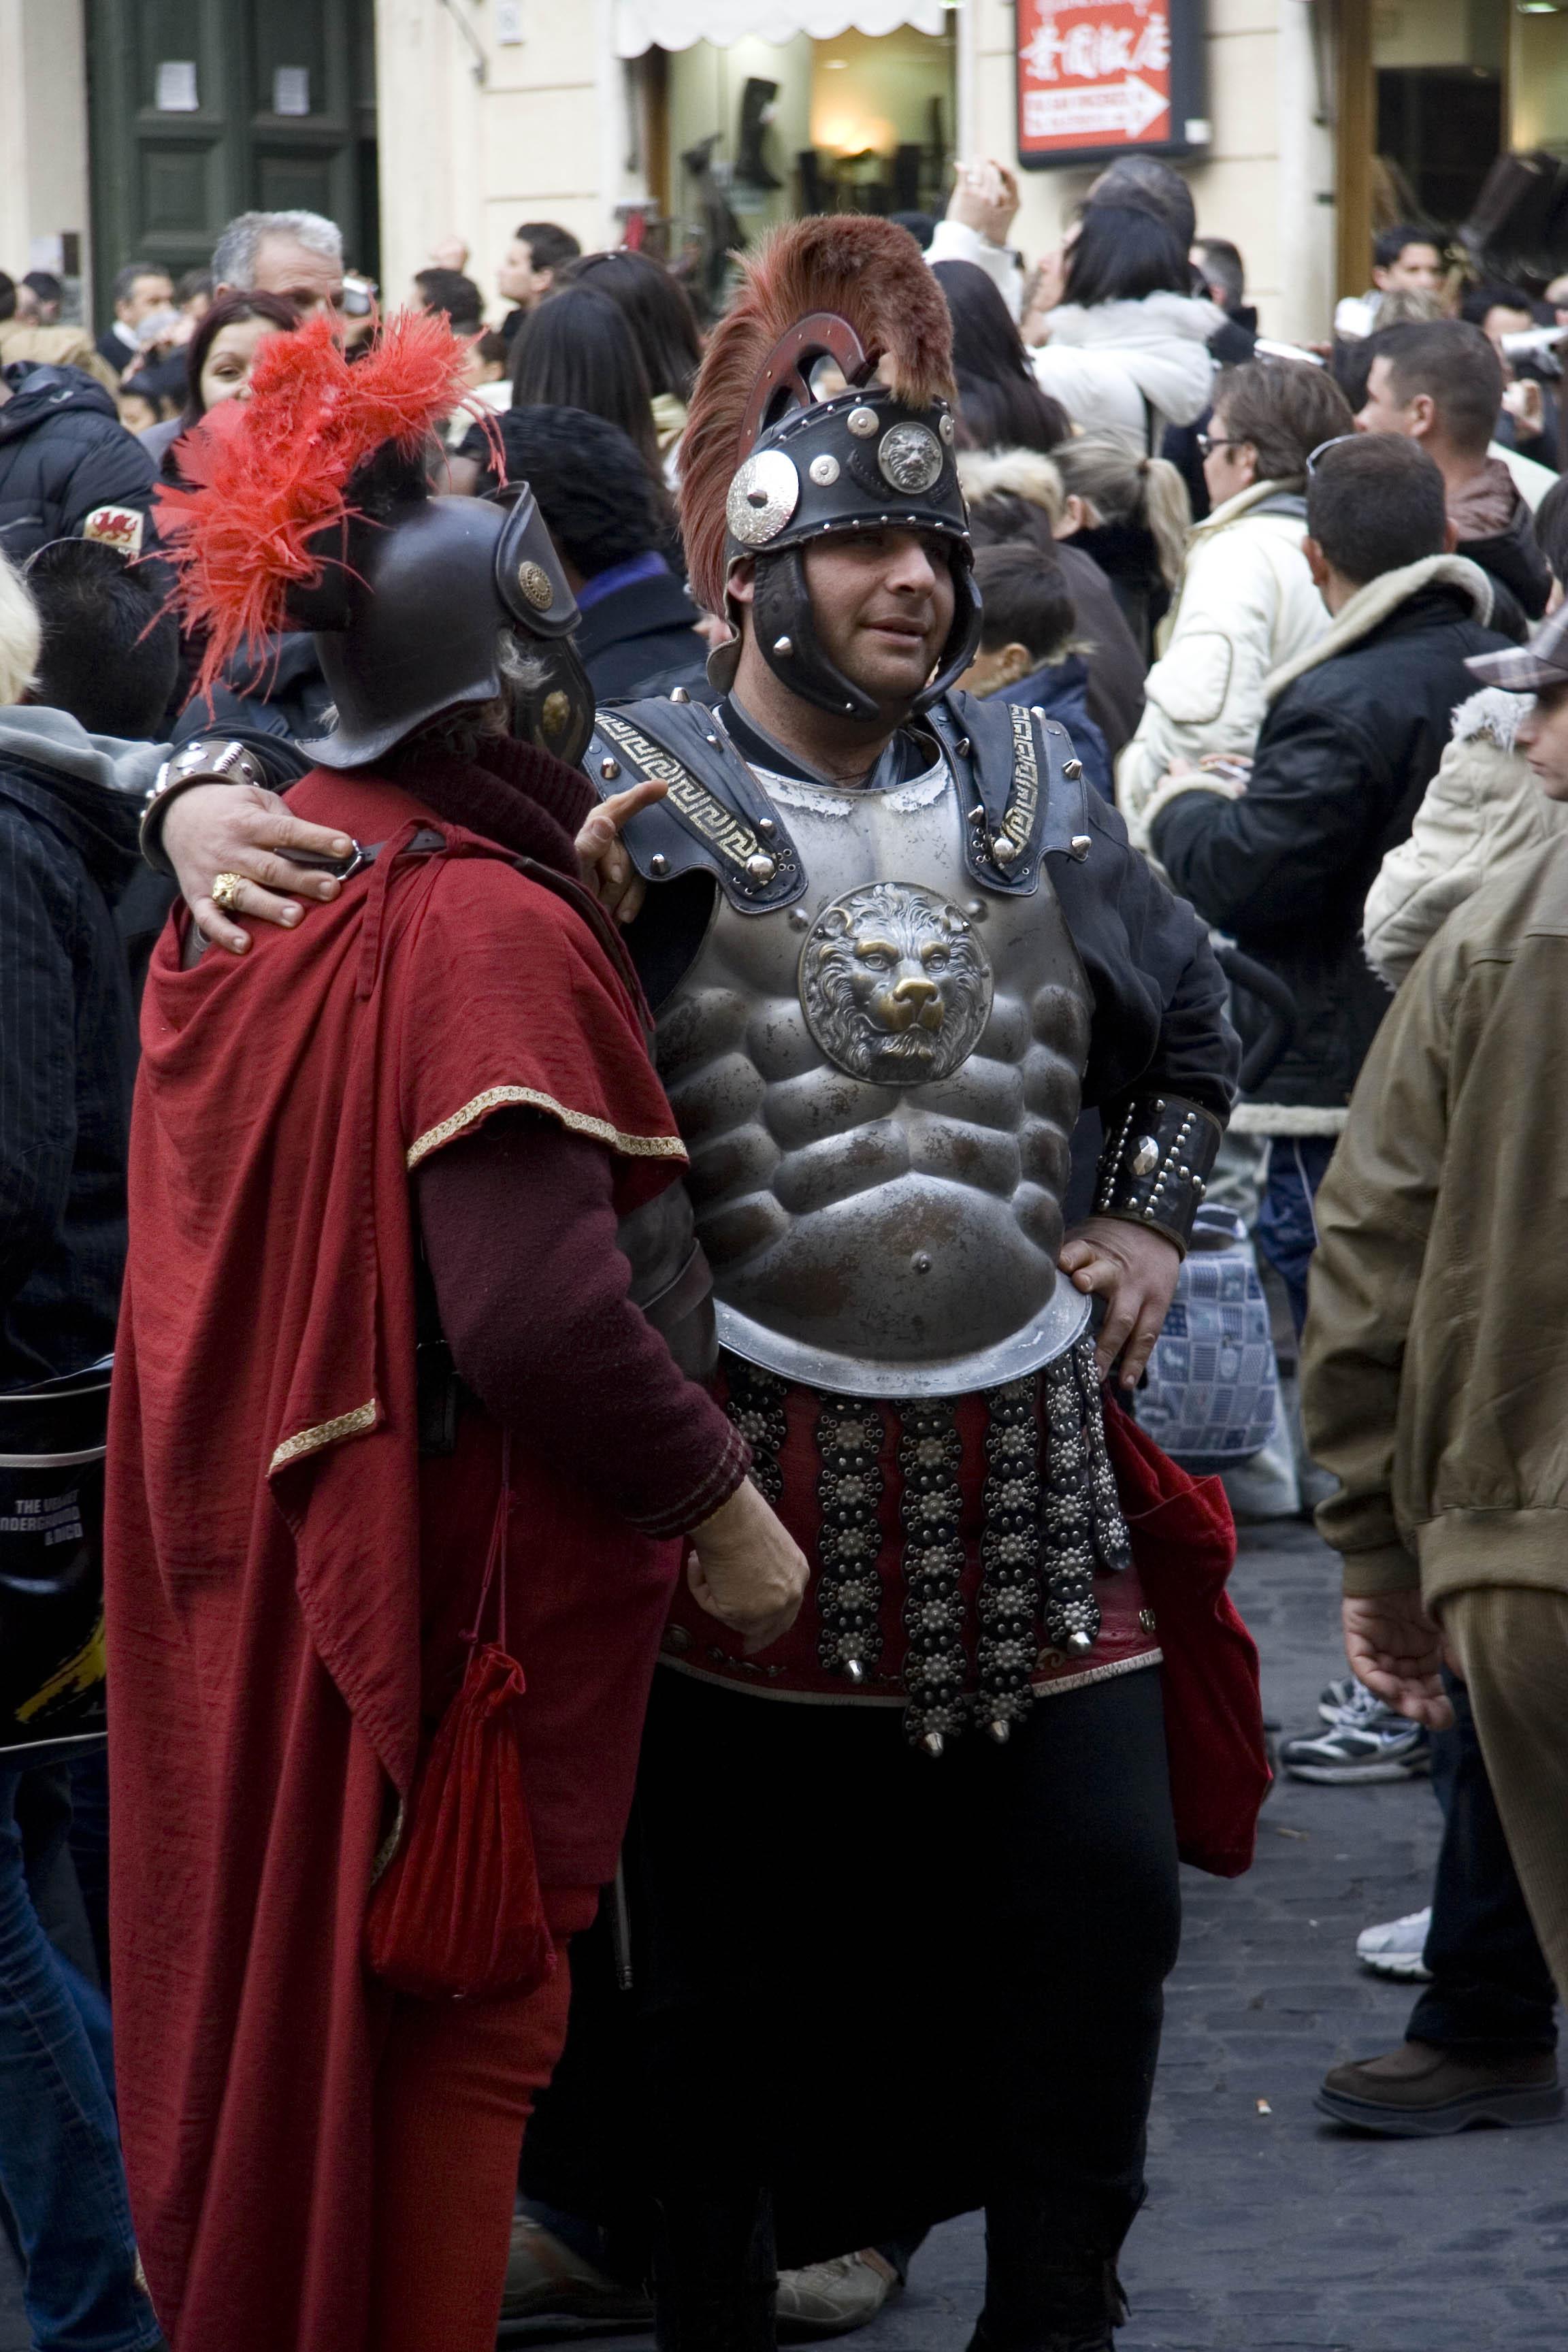 Modern gladiators in Rome